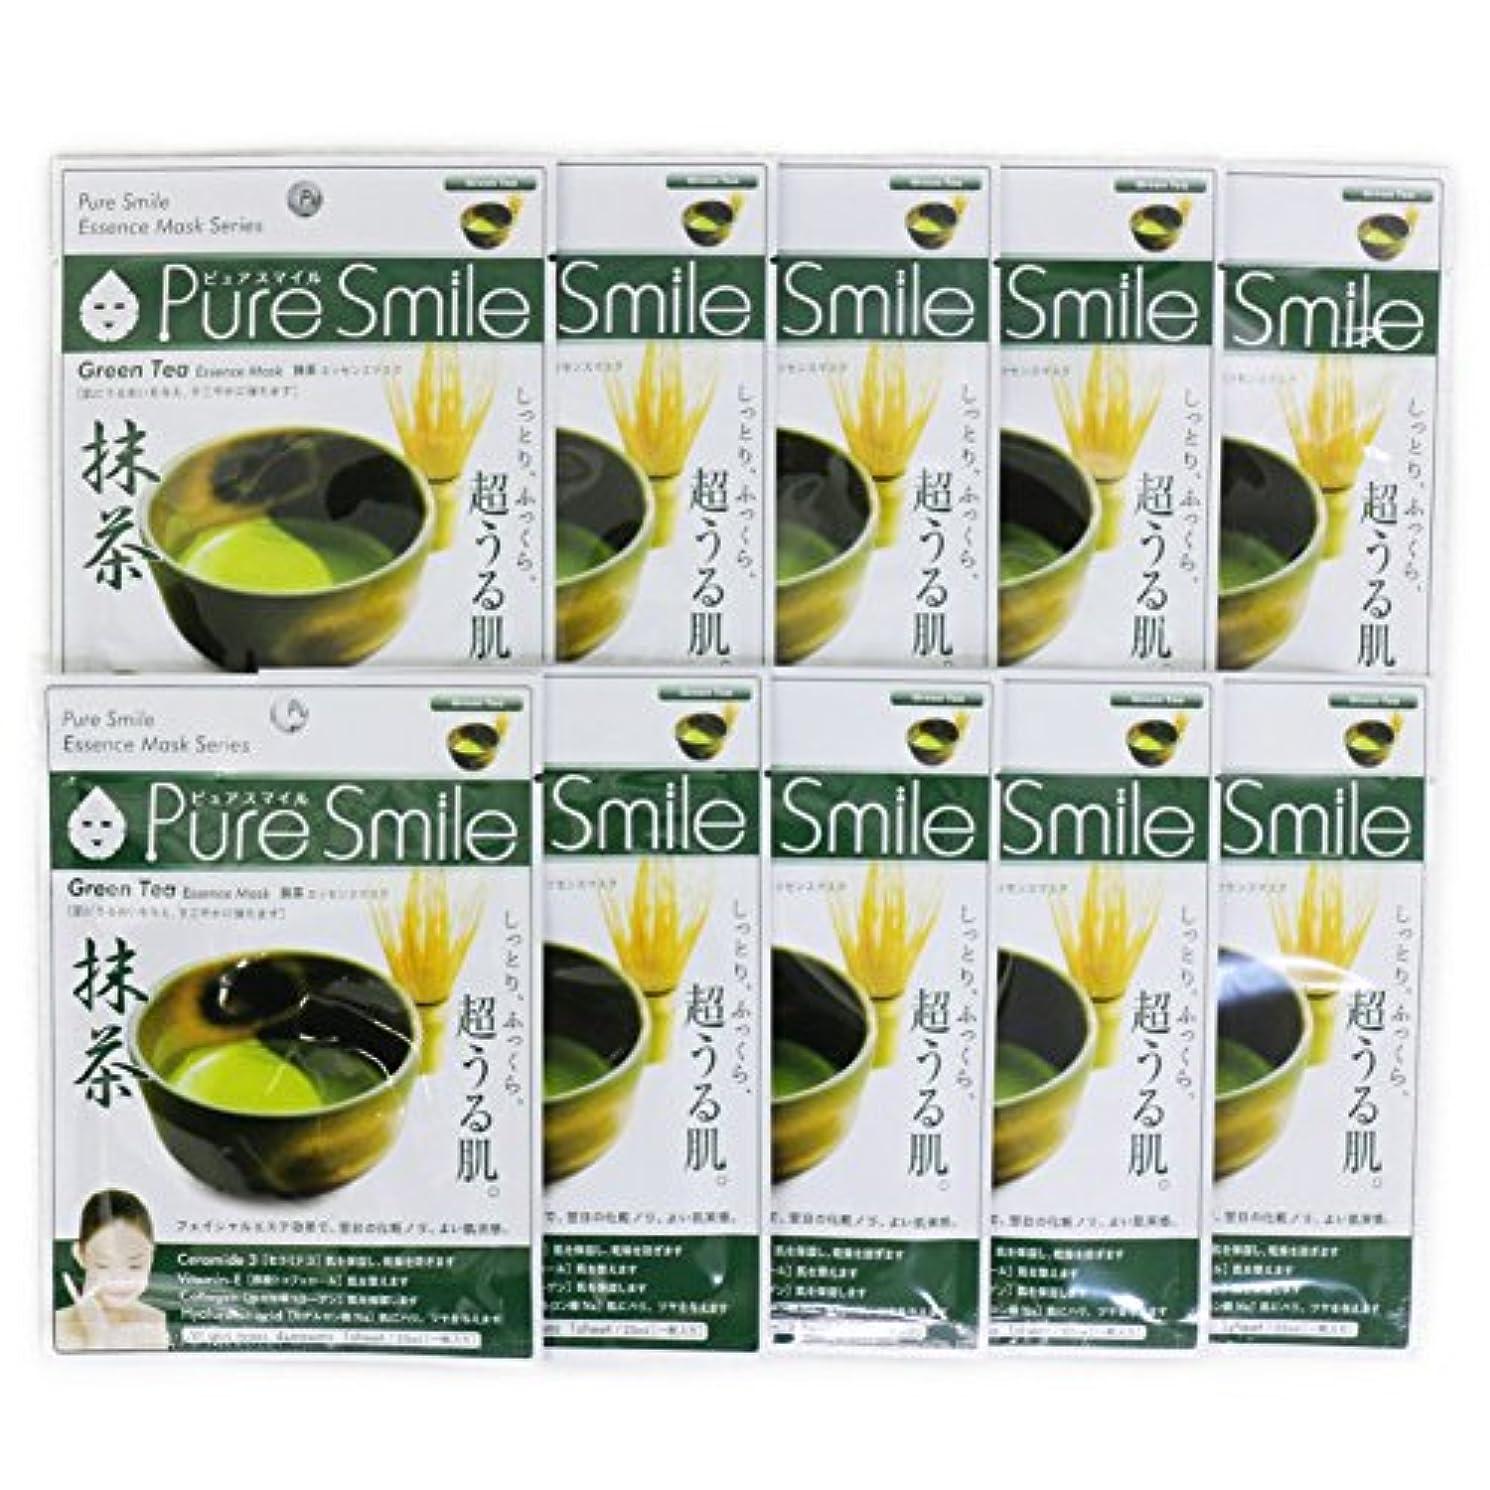 干ばつヒール首相Pure Smile ピュアスマイル エッセンスマスク 抹茶 10枚セット